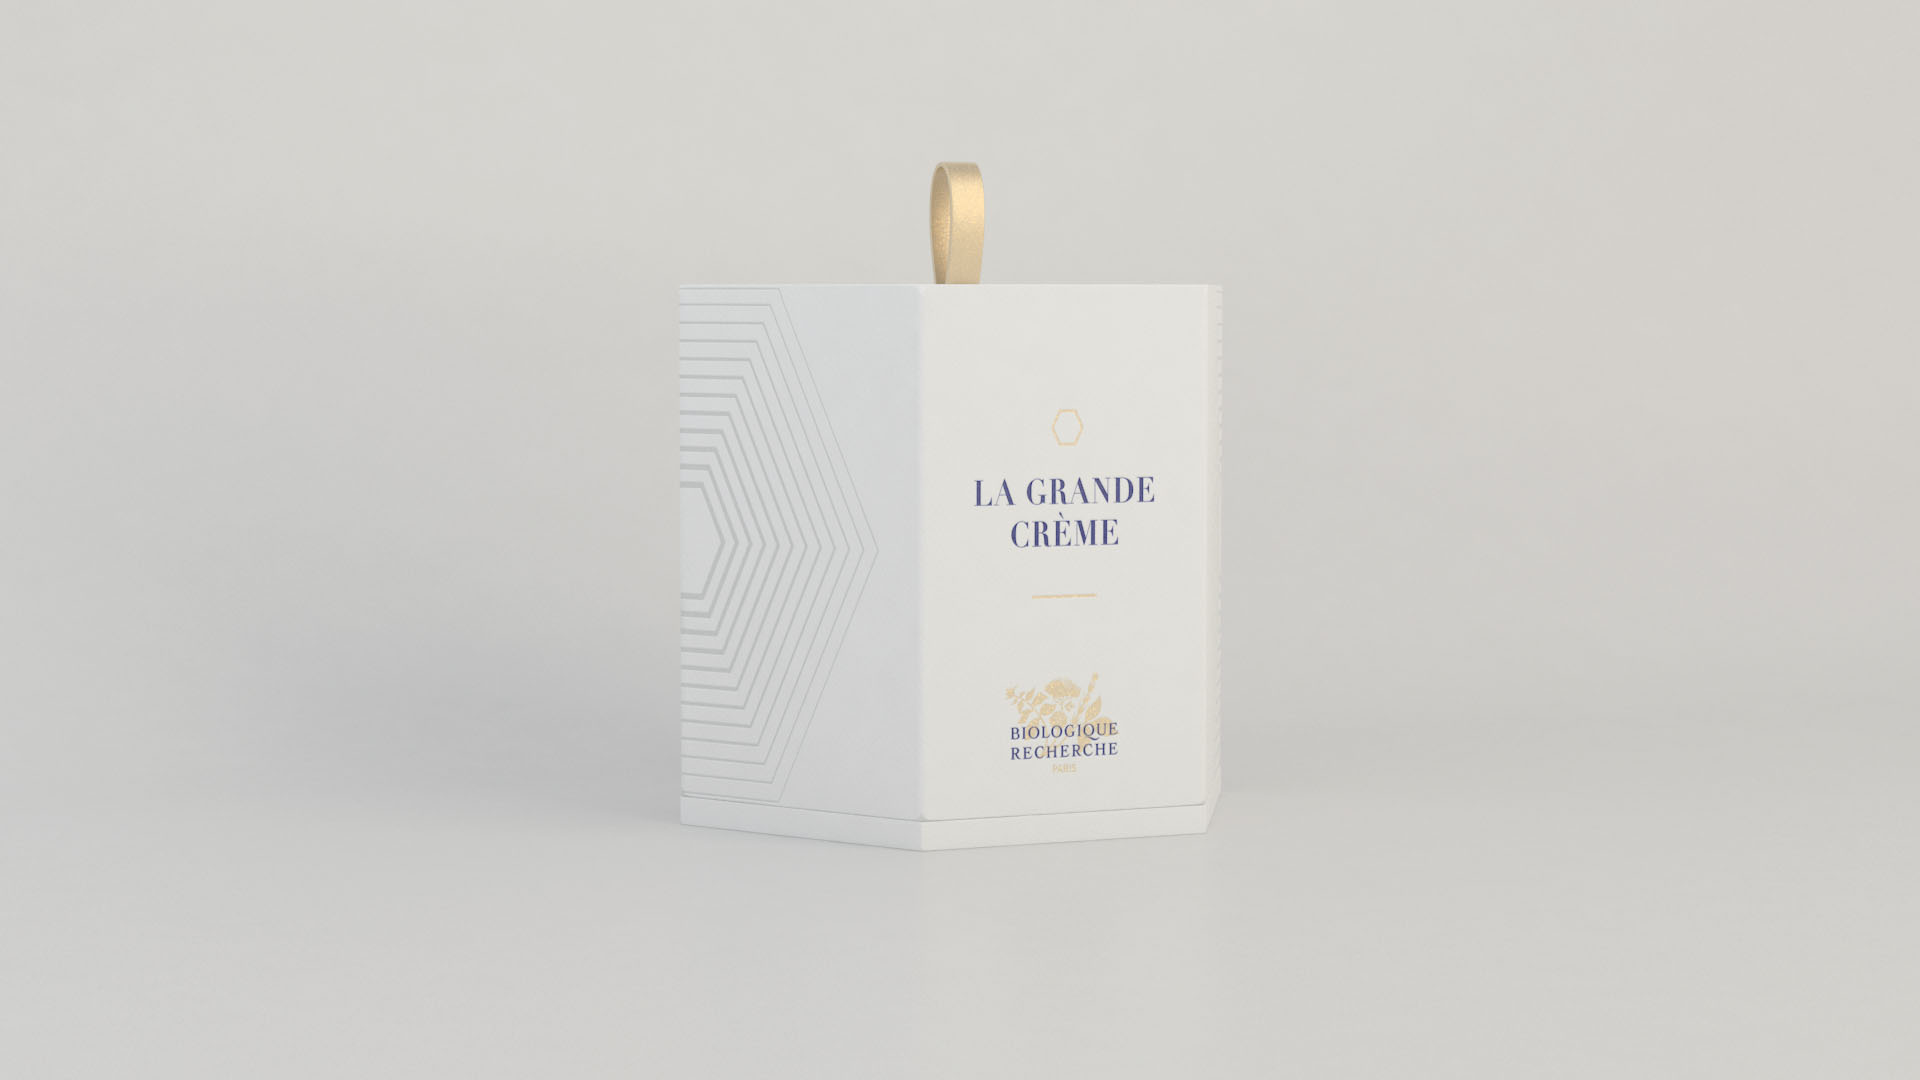 LA_GRANDE_CREME_01